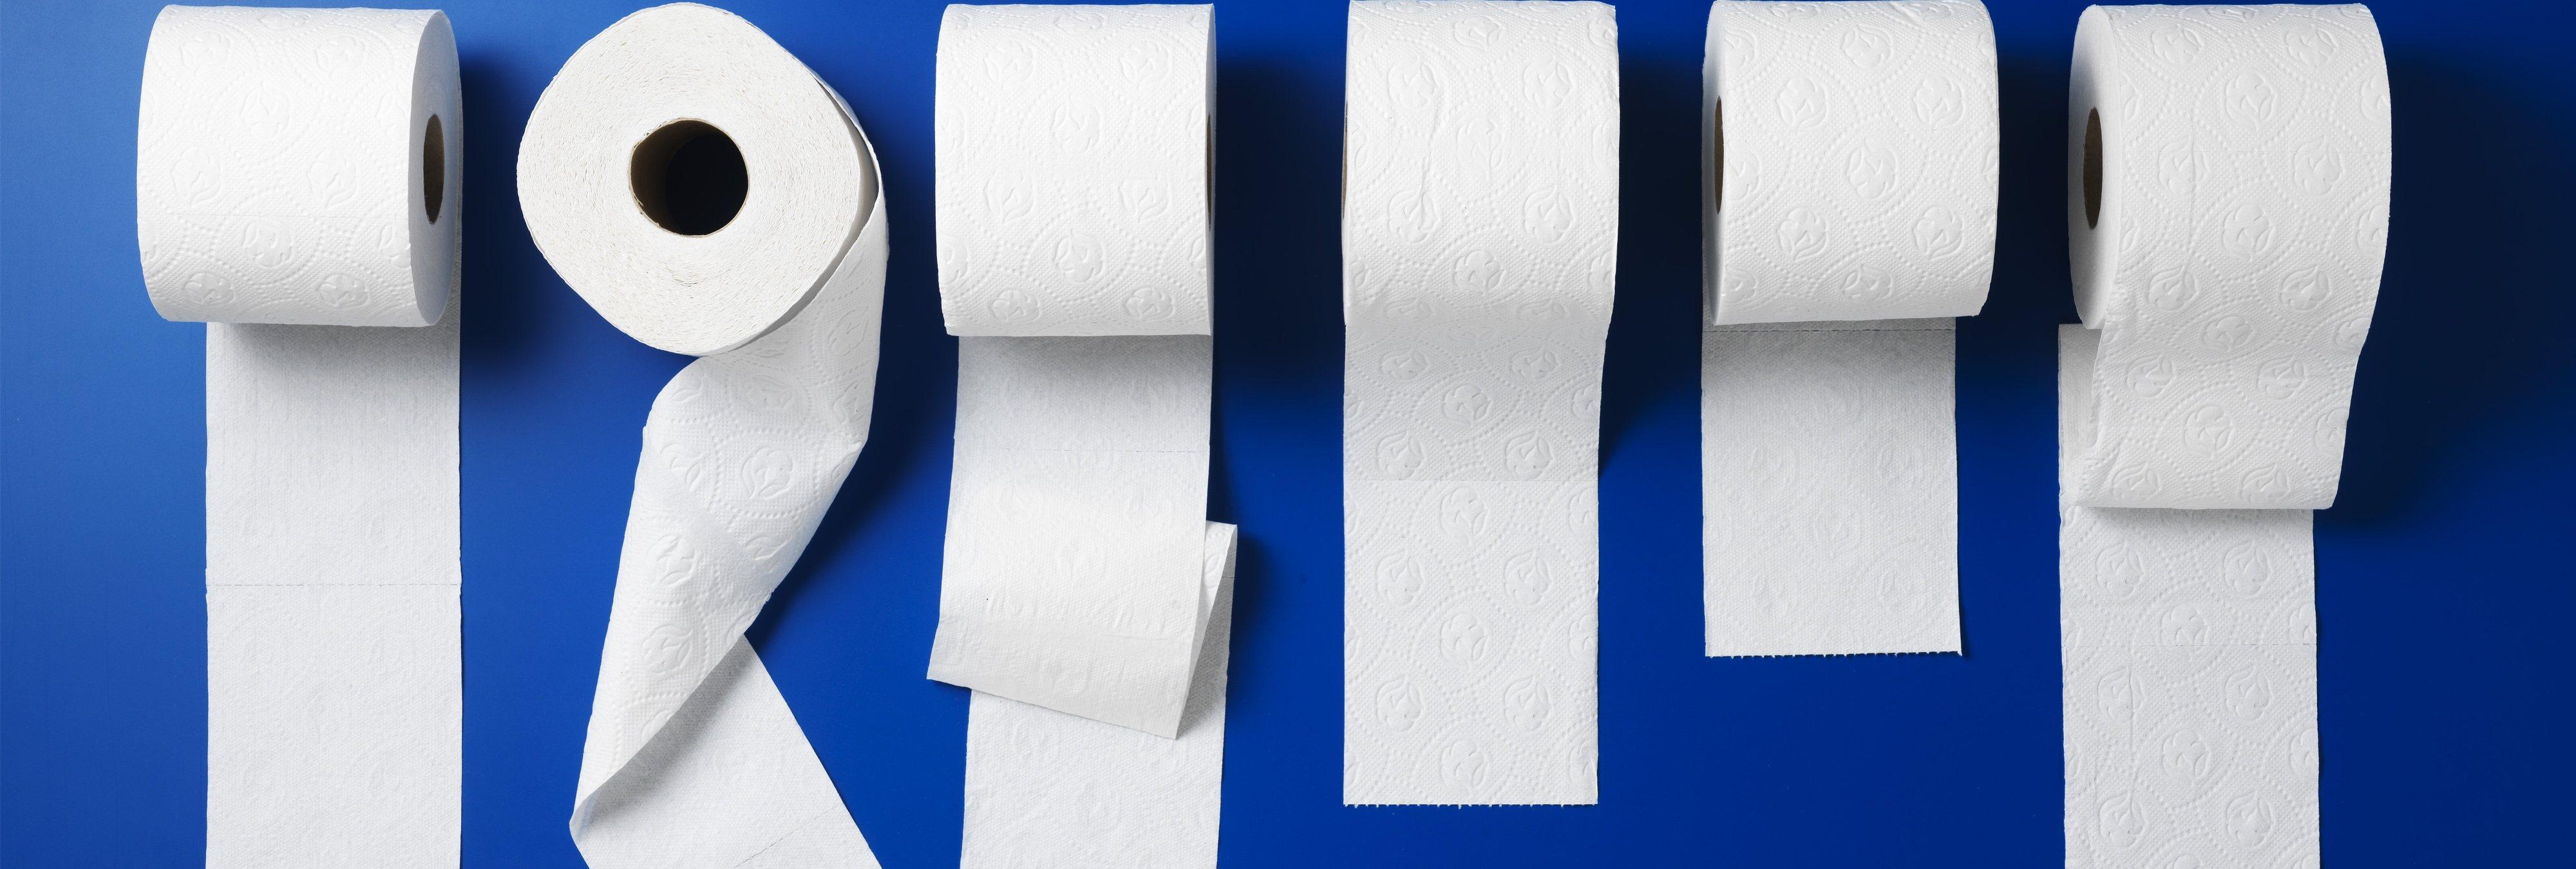 Reino Unido almacena toneladas de papel higiénico en caso de producirse un Brexit duro